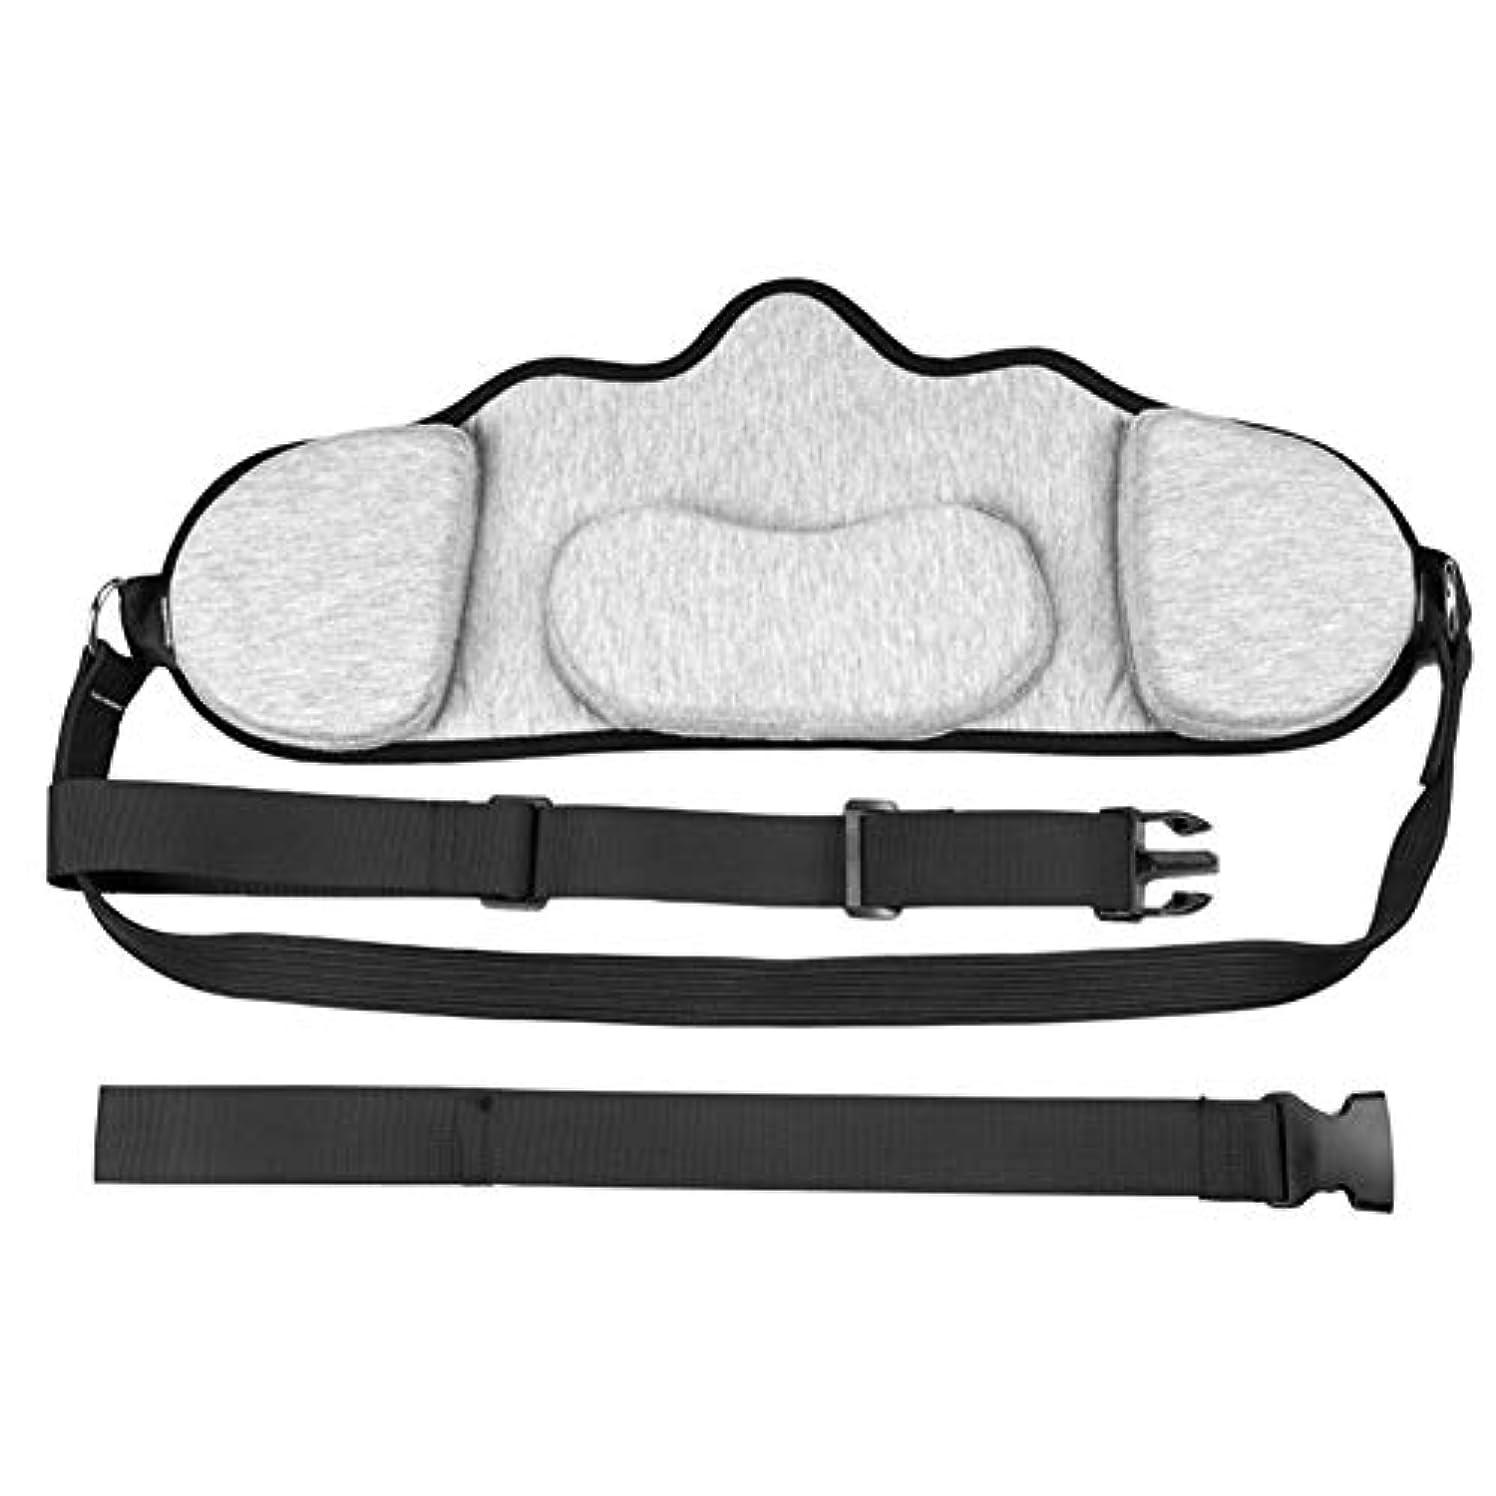 印象派閉じるハント2パック耐久性のあるポータブル首牽引&リラクゼーションハンモック、オフィスワーカーのドライバーのためのセルフマッサージャーと肩の痛みサポーターを持つ人はリラックスデバイス